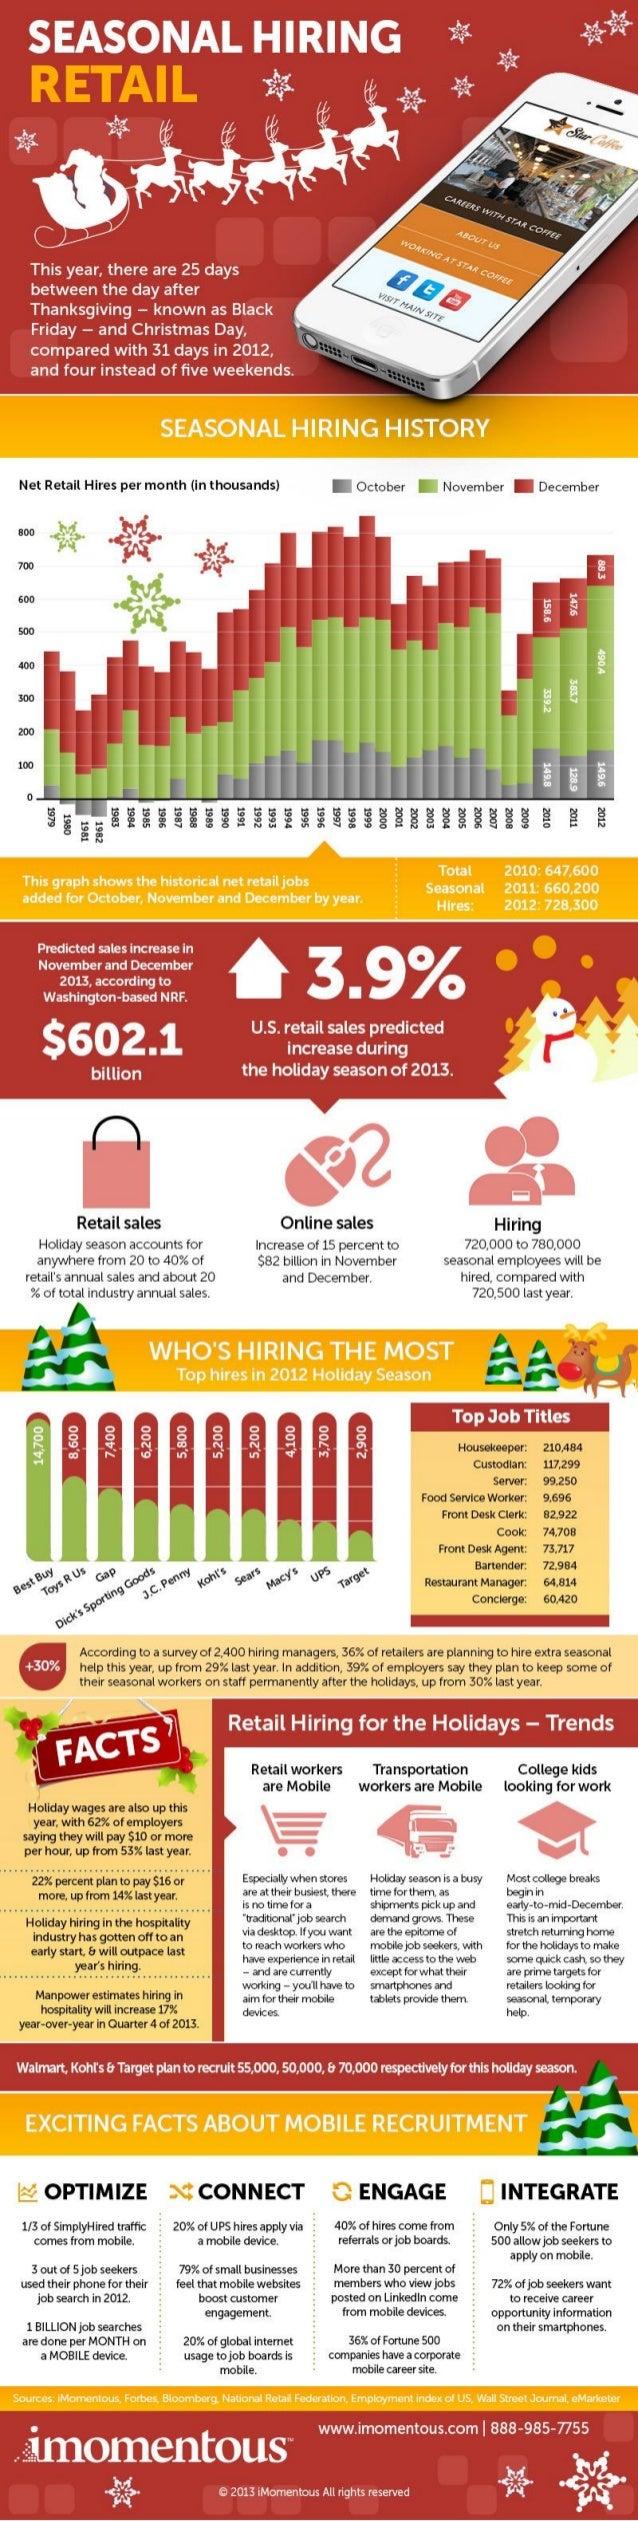 Seasonal Hiring Retail Infographic